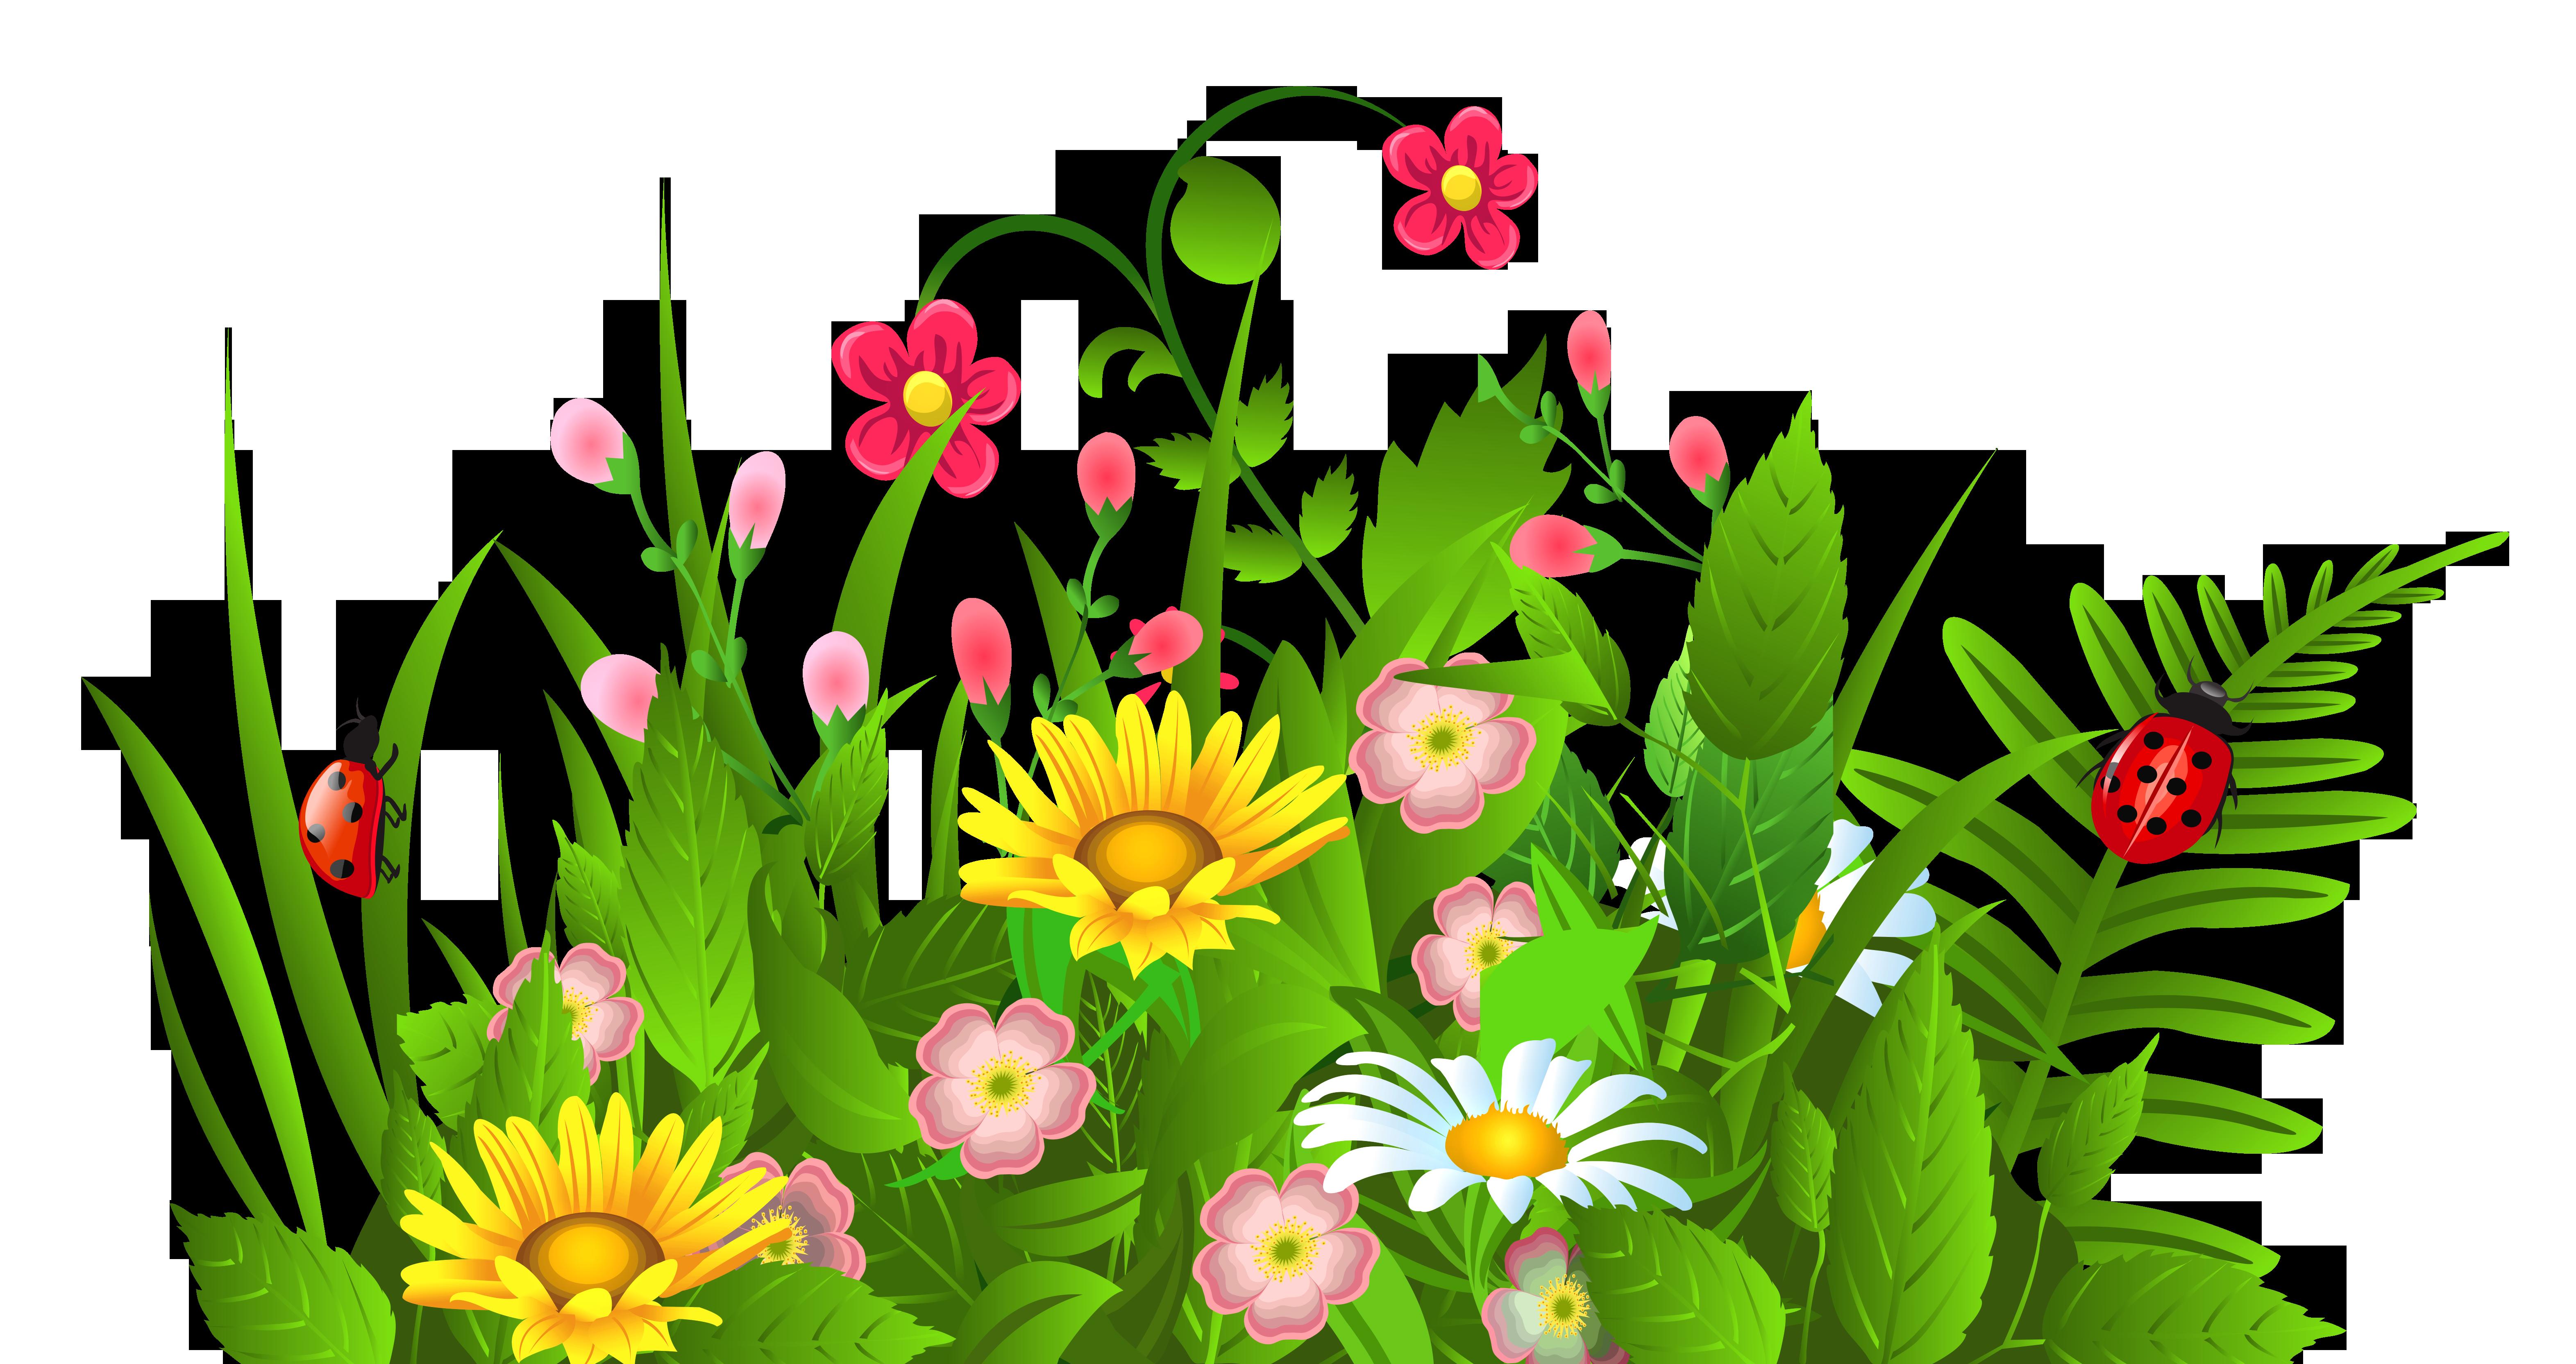 6287x3328 Jungle Flower Clipart